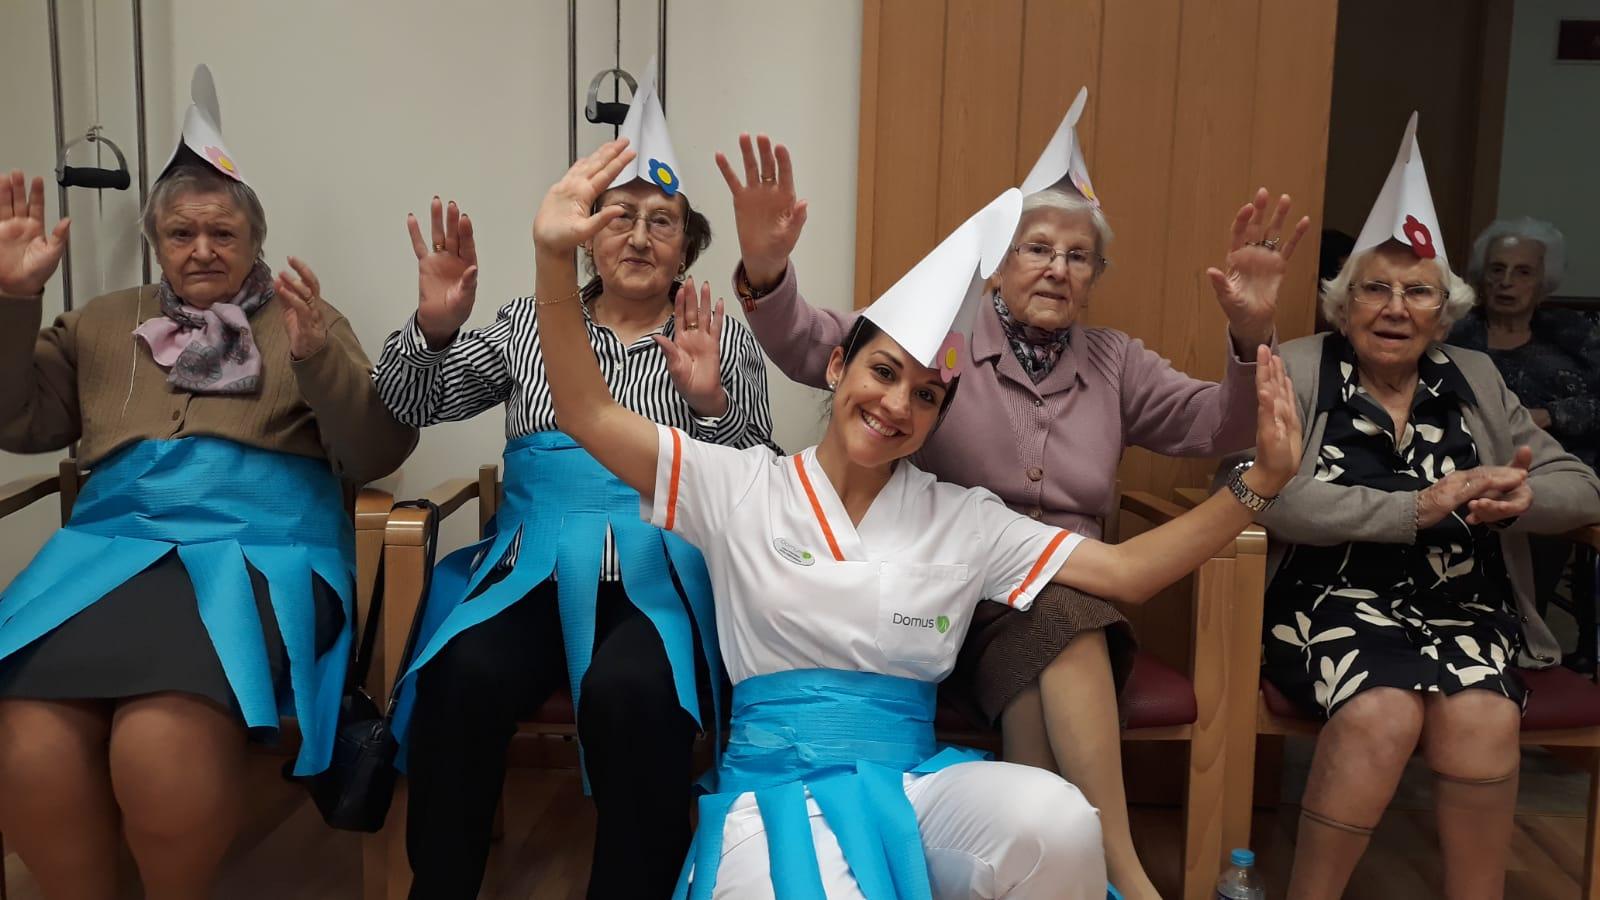 Carnaval en Condes de Corbull - 2